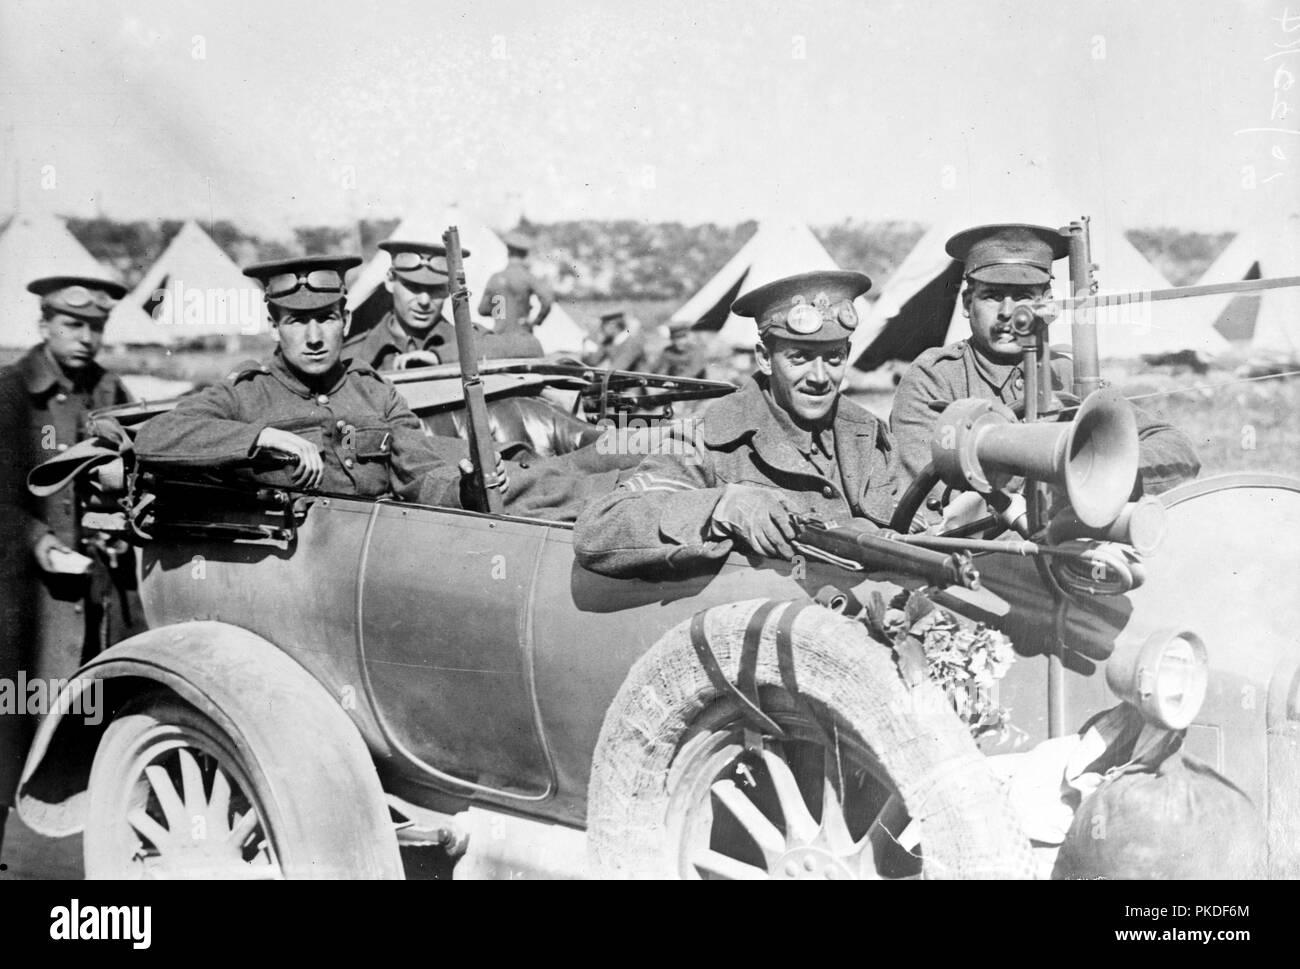 Englisch Motor Pfadfinder in Frankreich, englische Soldaten im Ersten Weltkrieg. Stockfoto